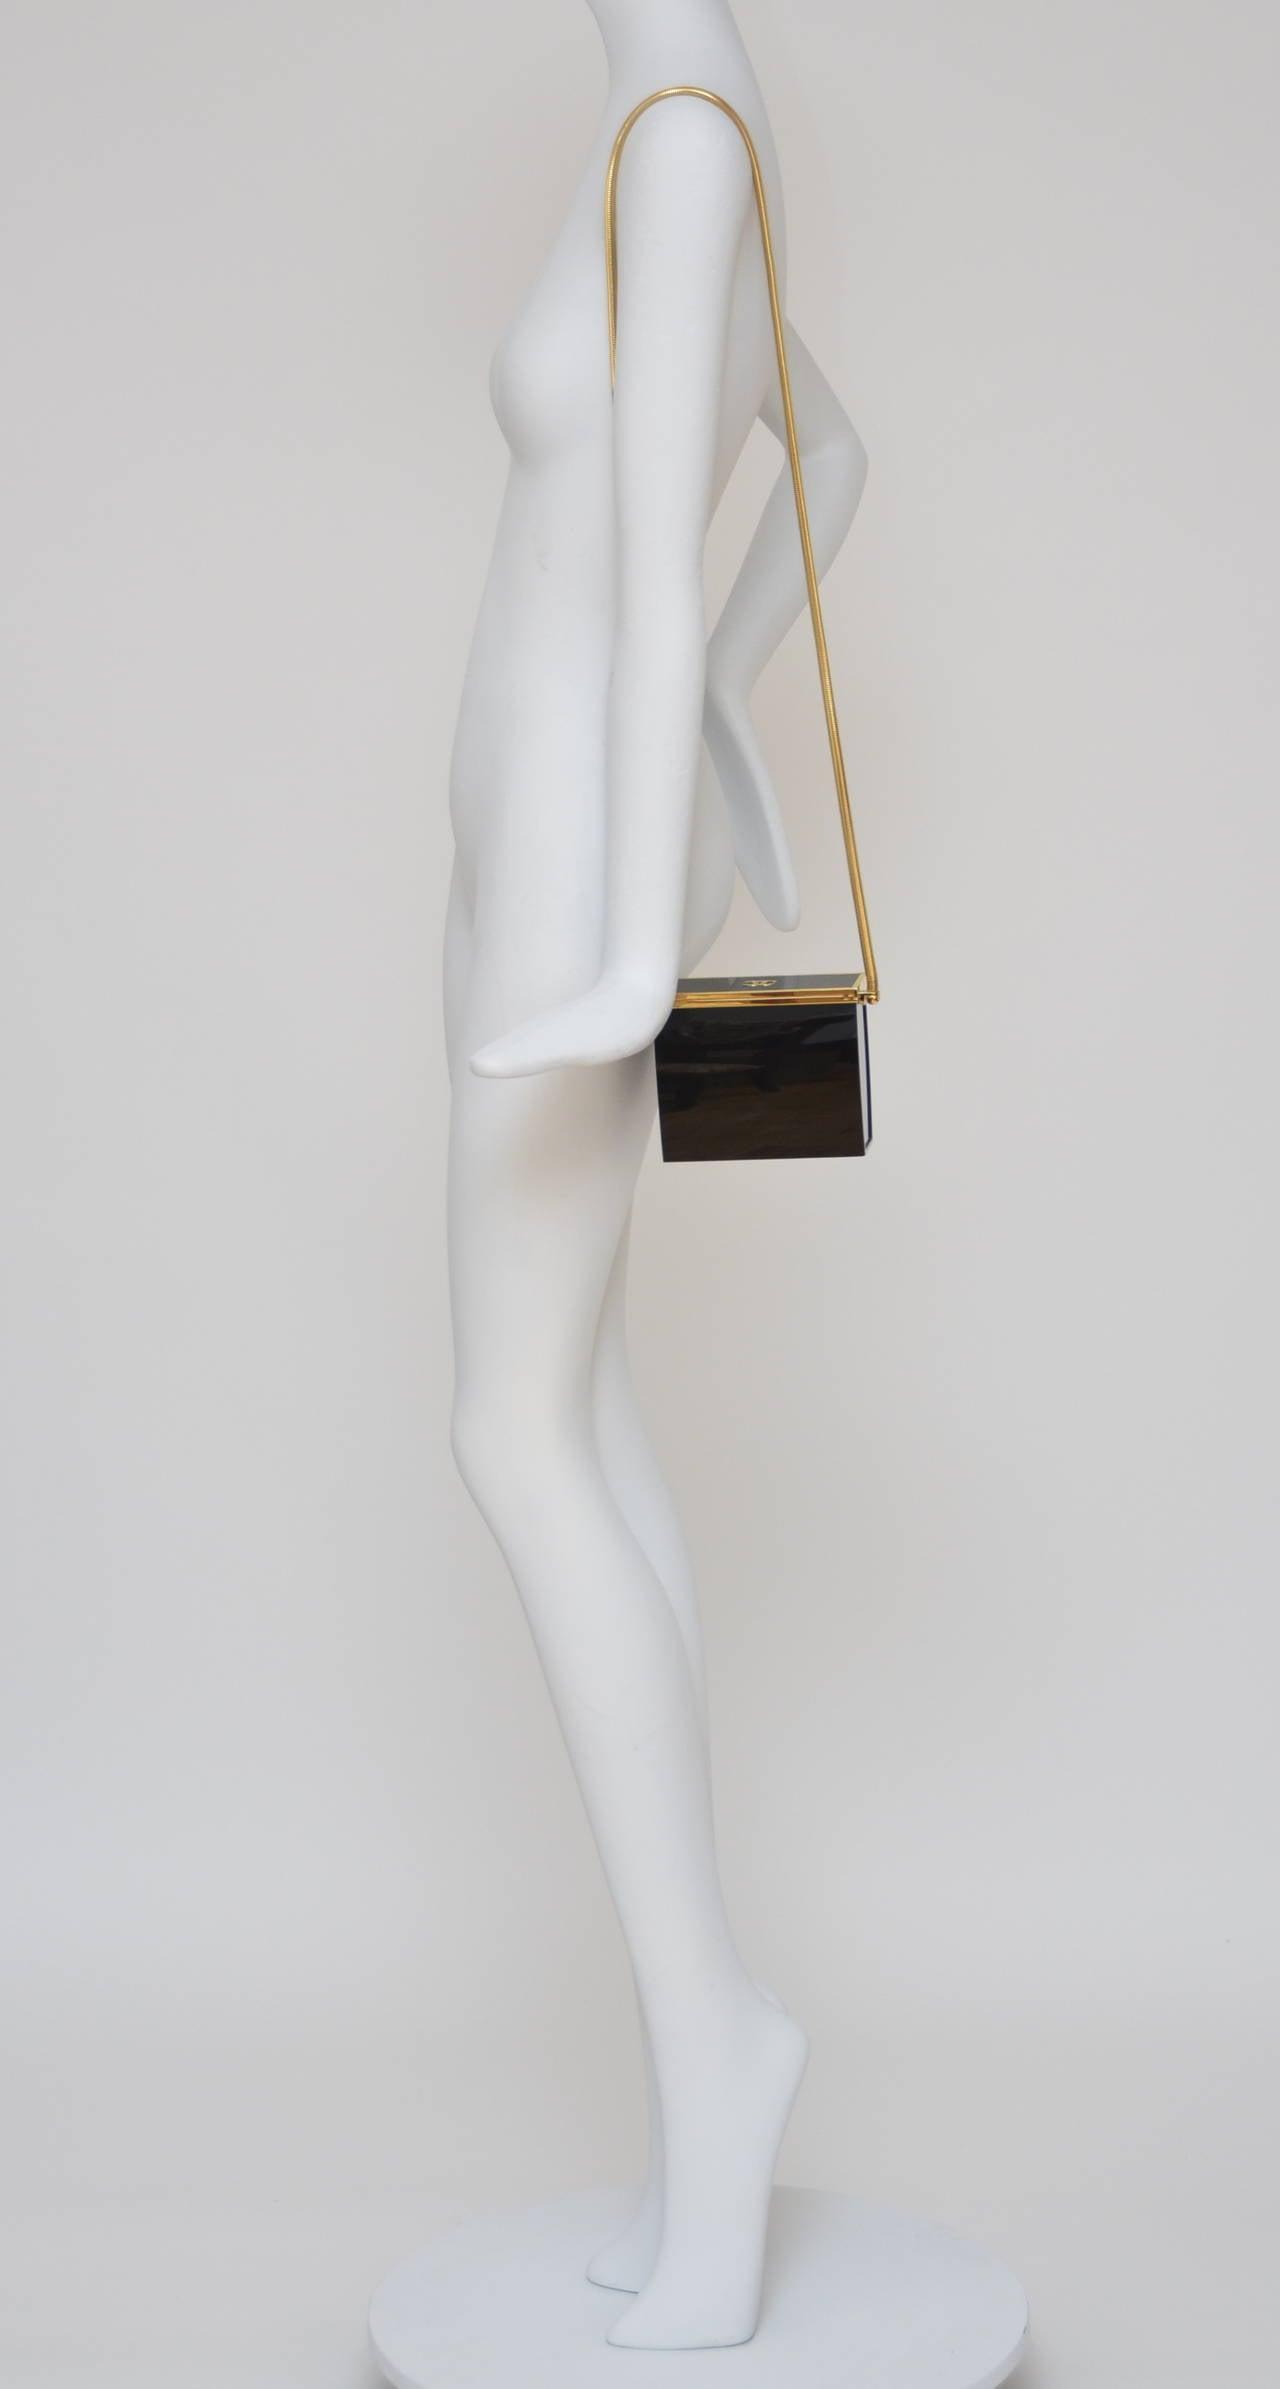 Rare Chanel Black Lucite  Mini Handbag 7